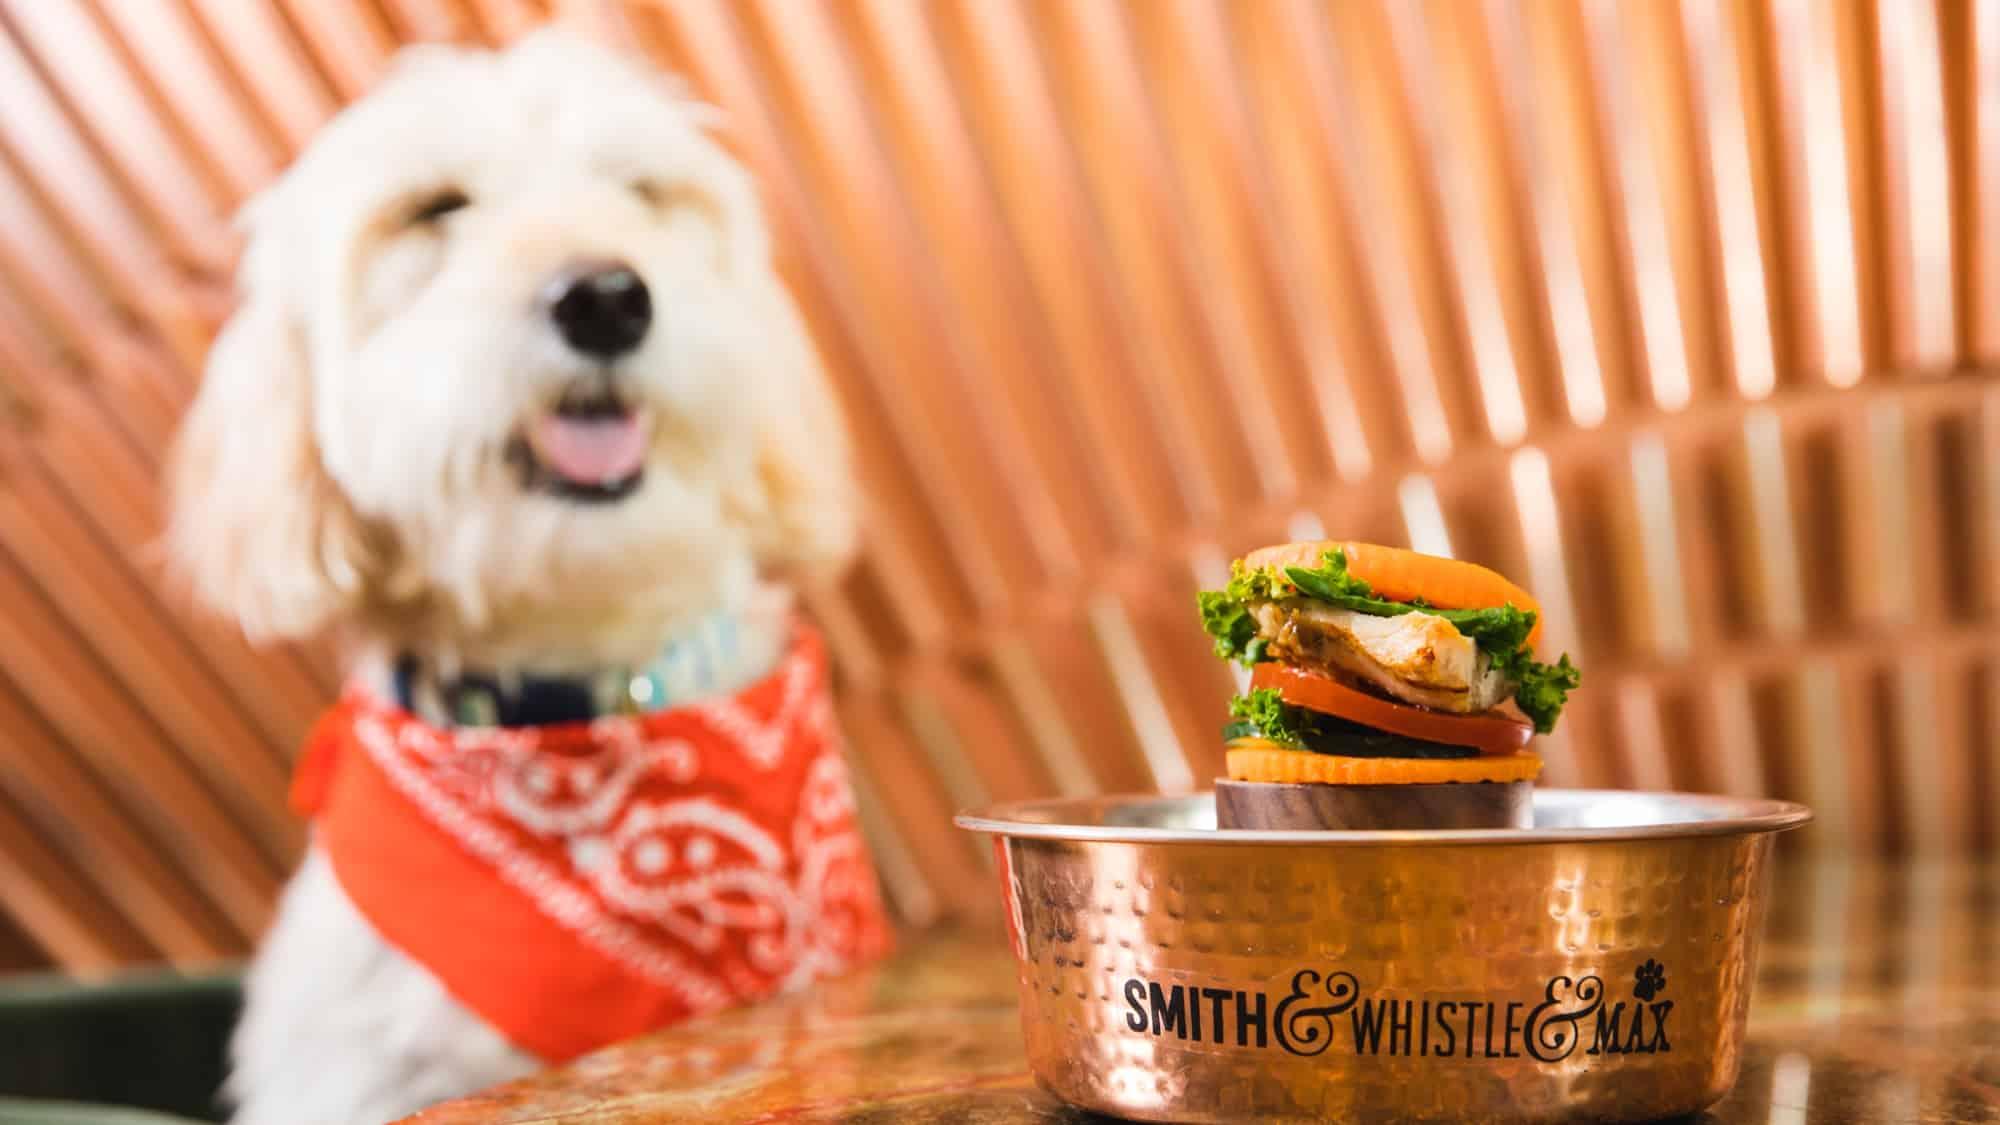 Smith & Whistle Dog Burger Weekend Celebrating National Burger Day & National Dog Day